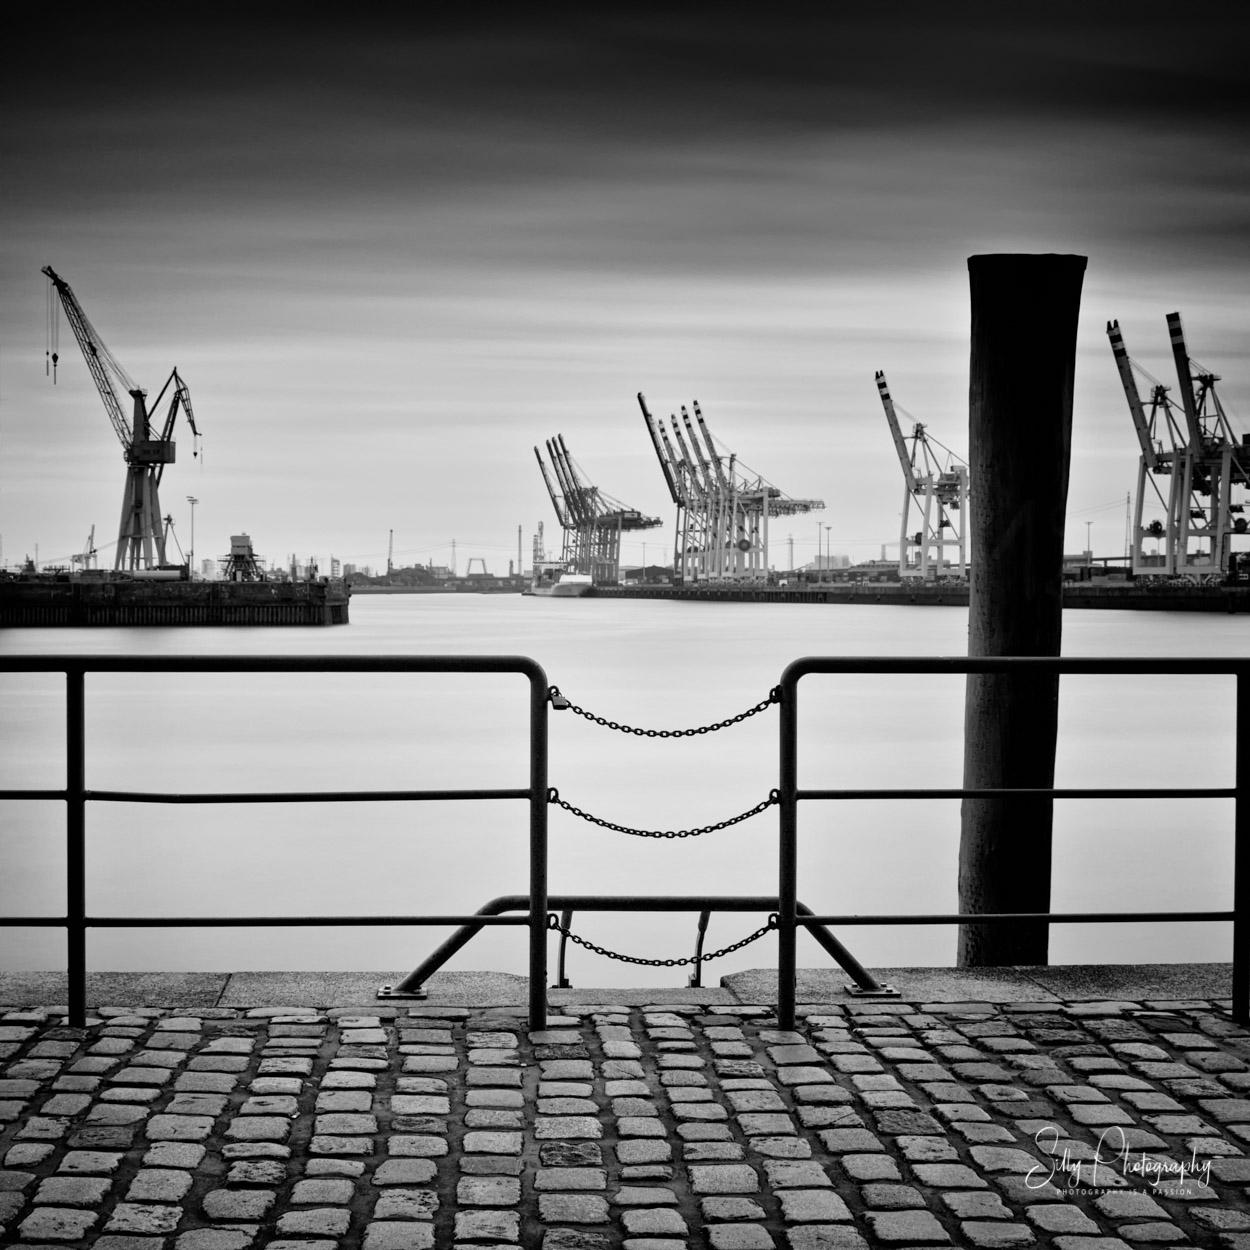 Hamburg / Hamburger Hafen, Hafenkräne, Langzeitbelichtung, 2014, © Silly Photography